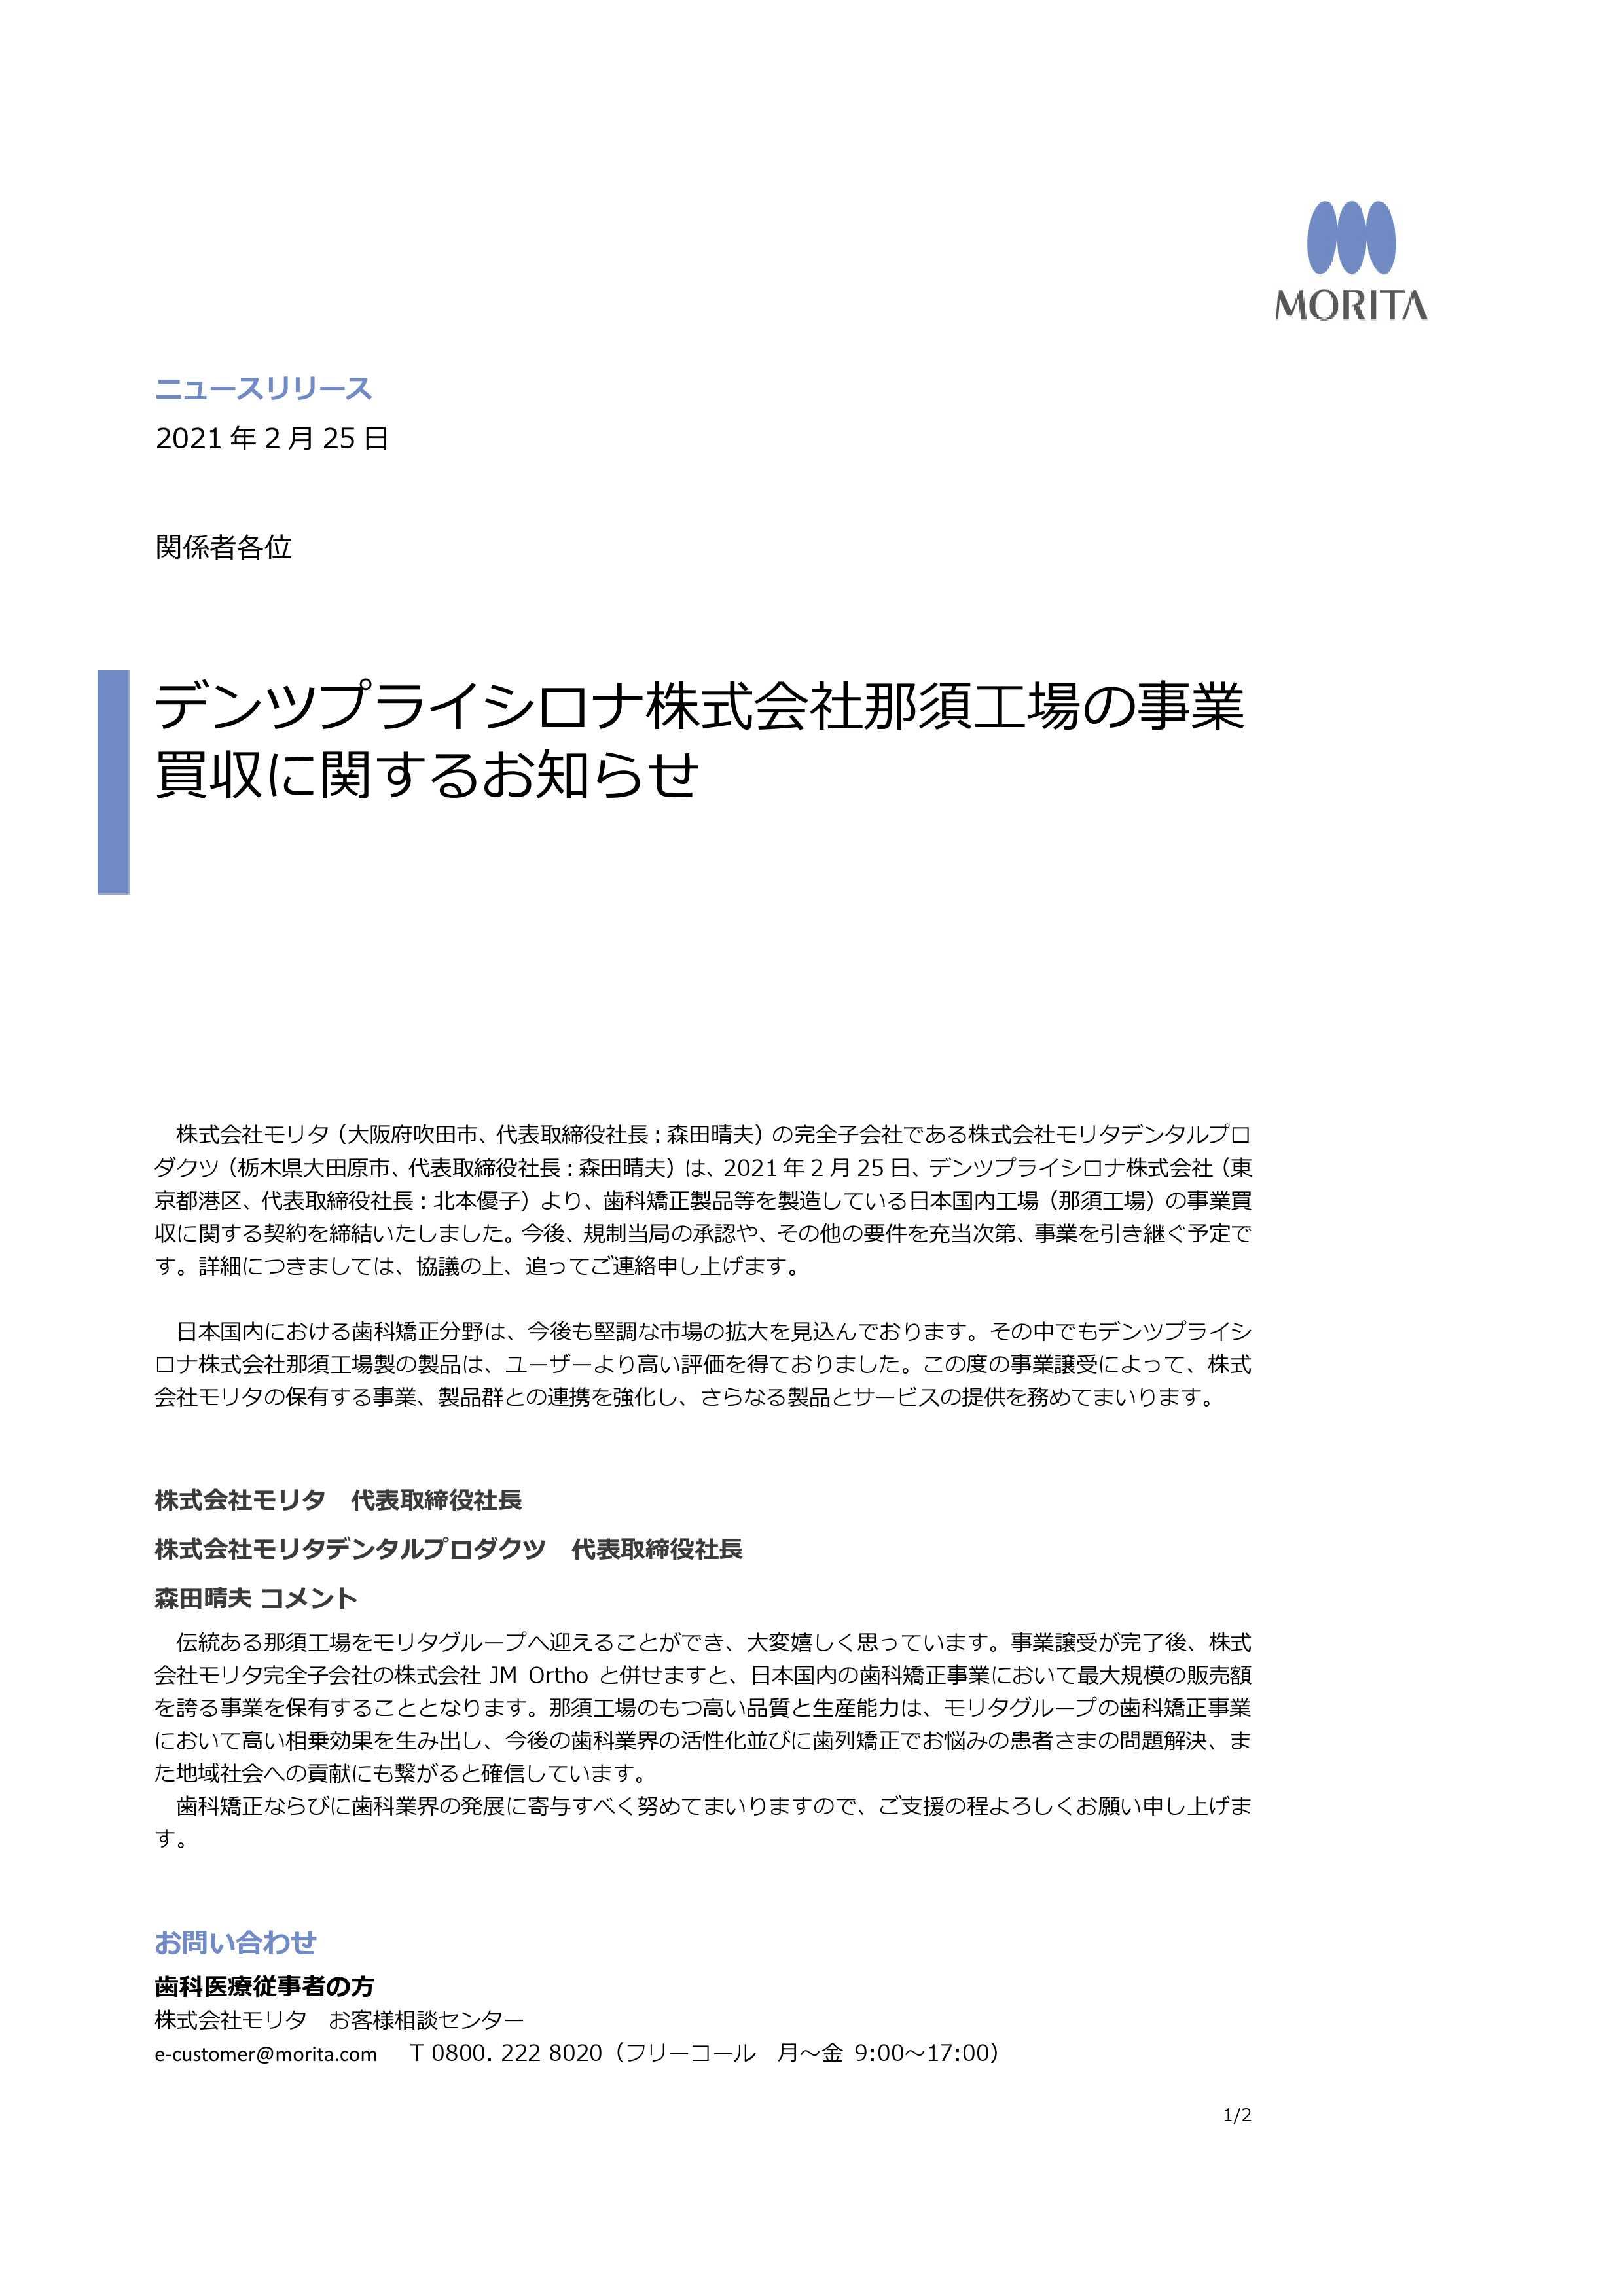 03デンツプライシロナ株式会社那須工場の事情買収に関するお知らせ(モリタ)_00001